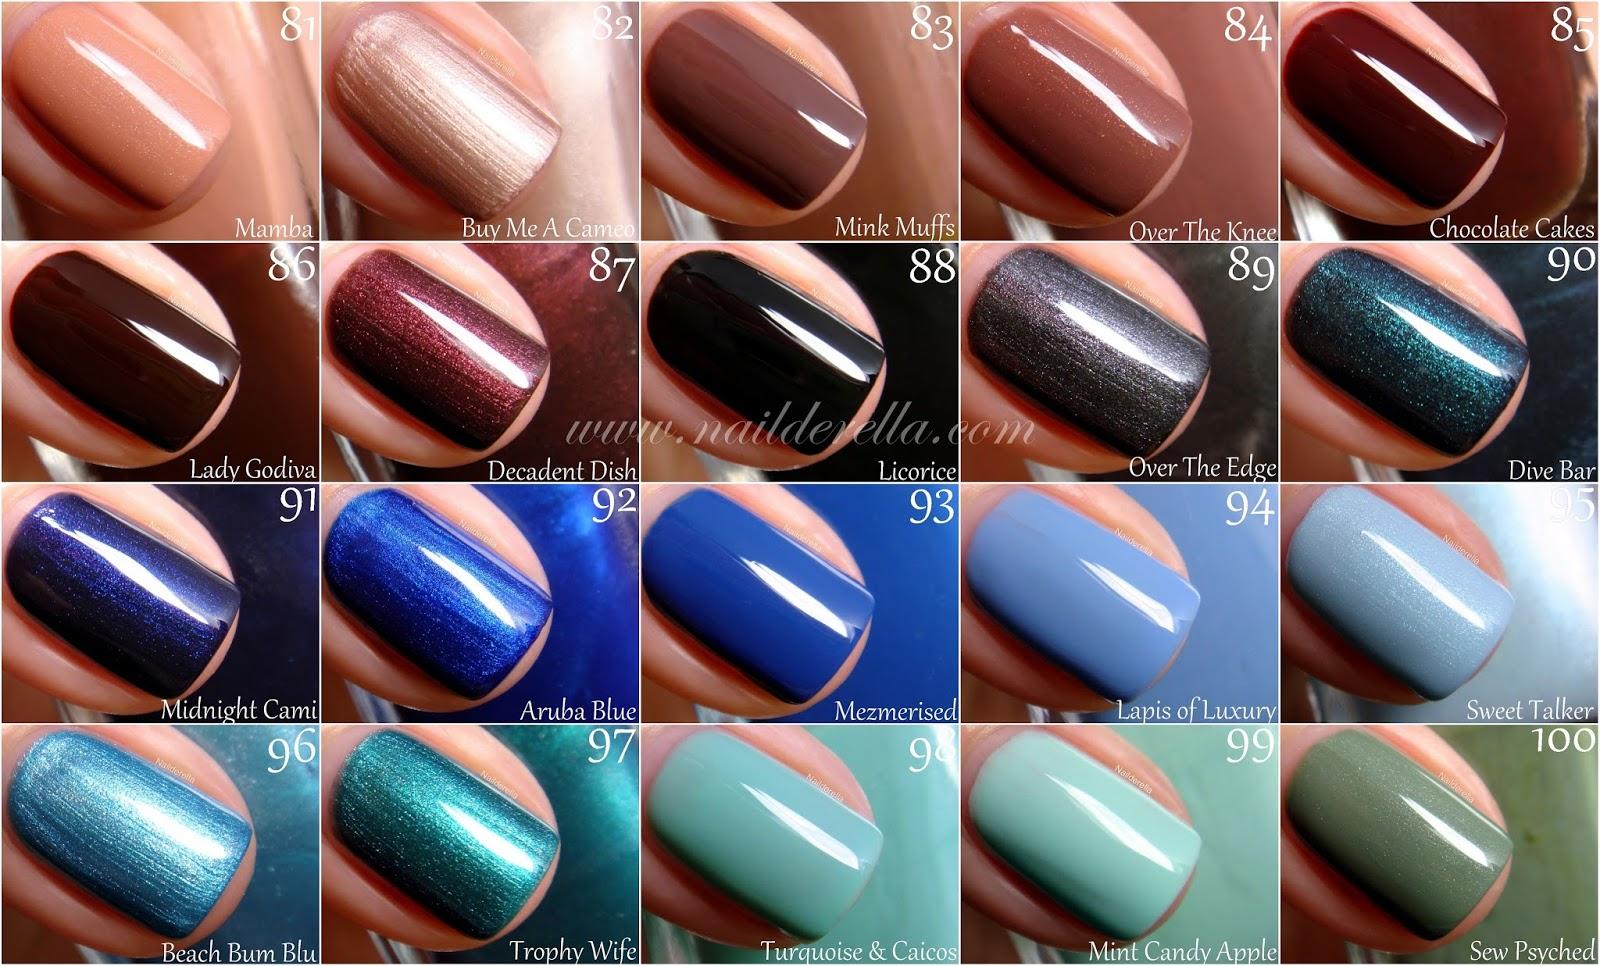 Essie Color guide #1-100! - Nailderella